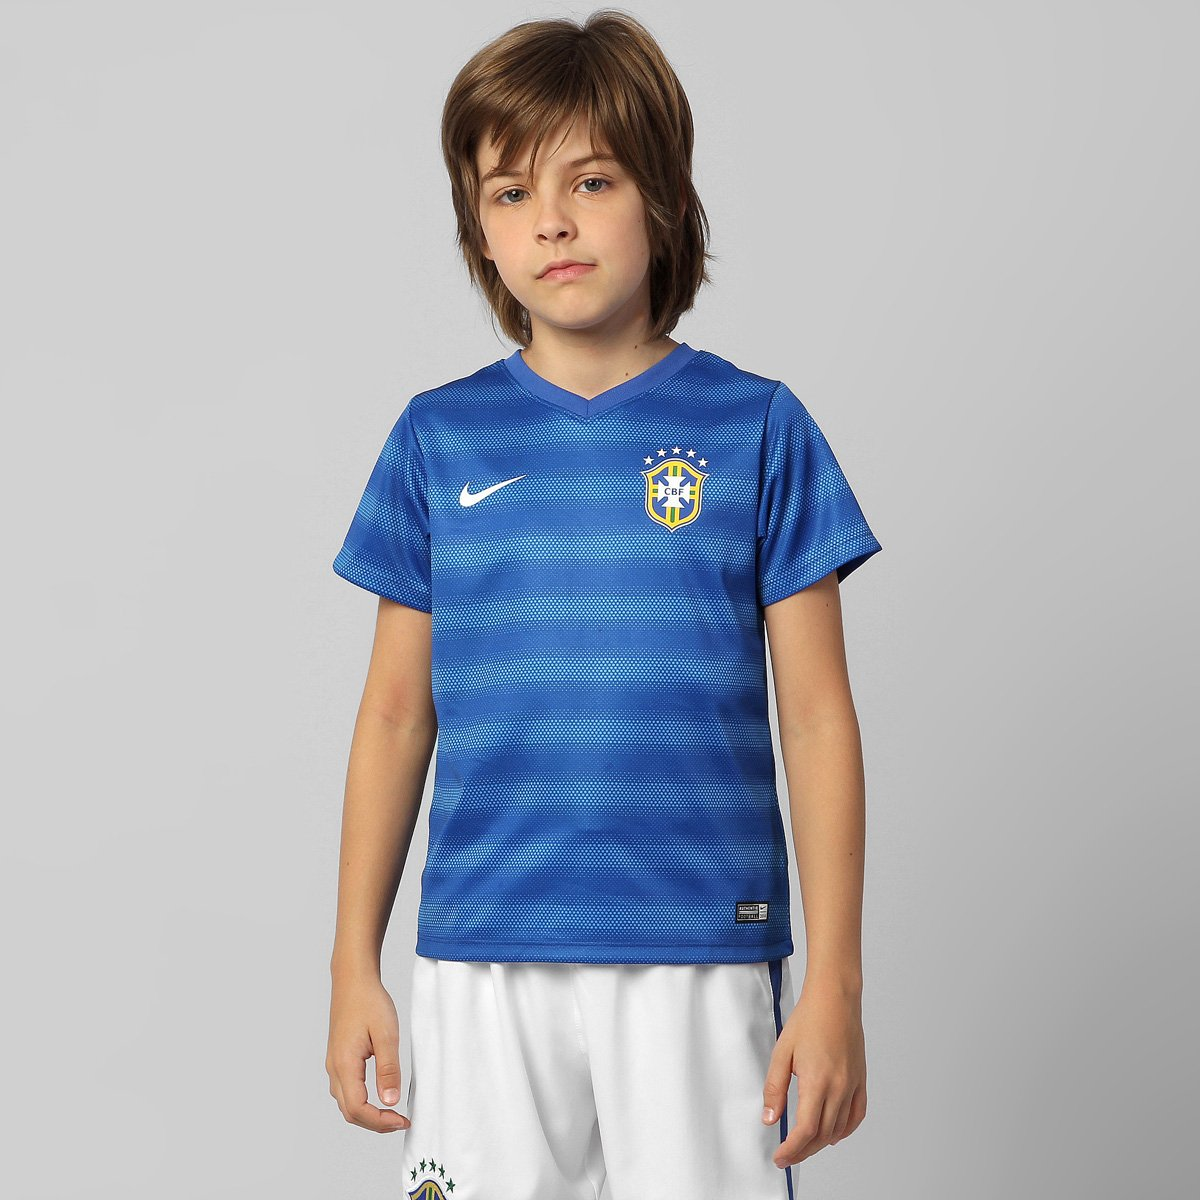 b313213e95 Camisa Nike Seleção Brasil II 2014 s nº Infantil - Compre Agora ...